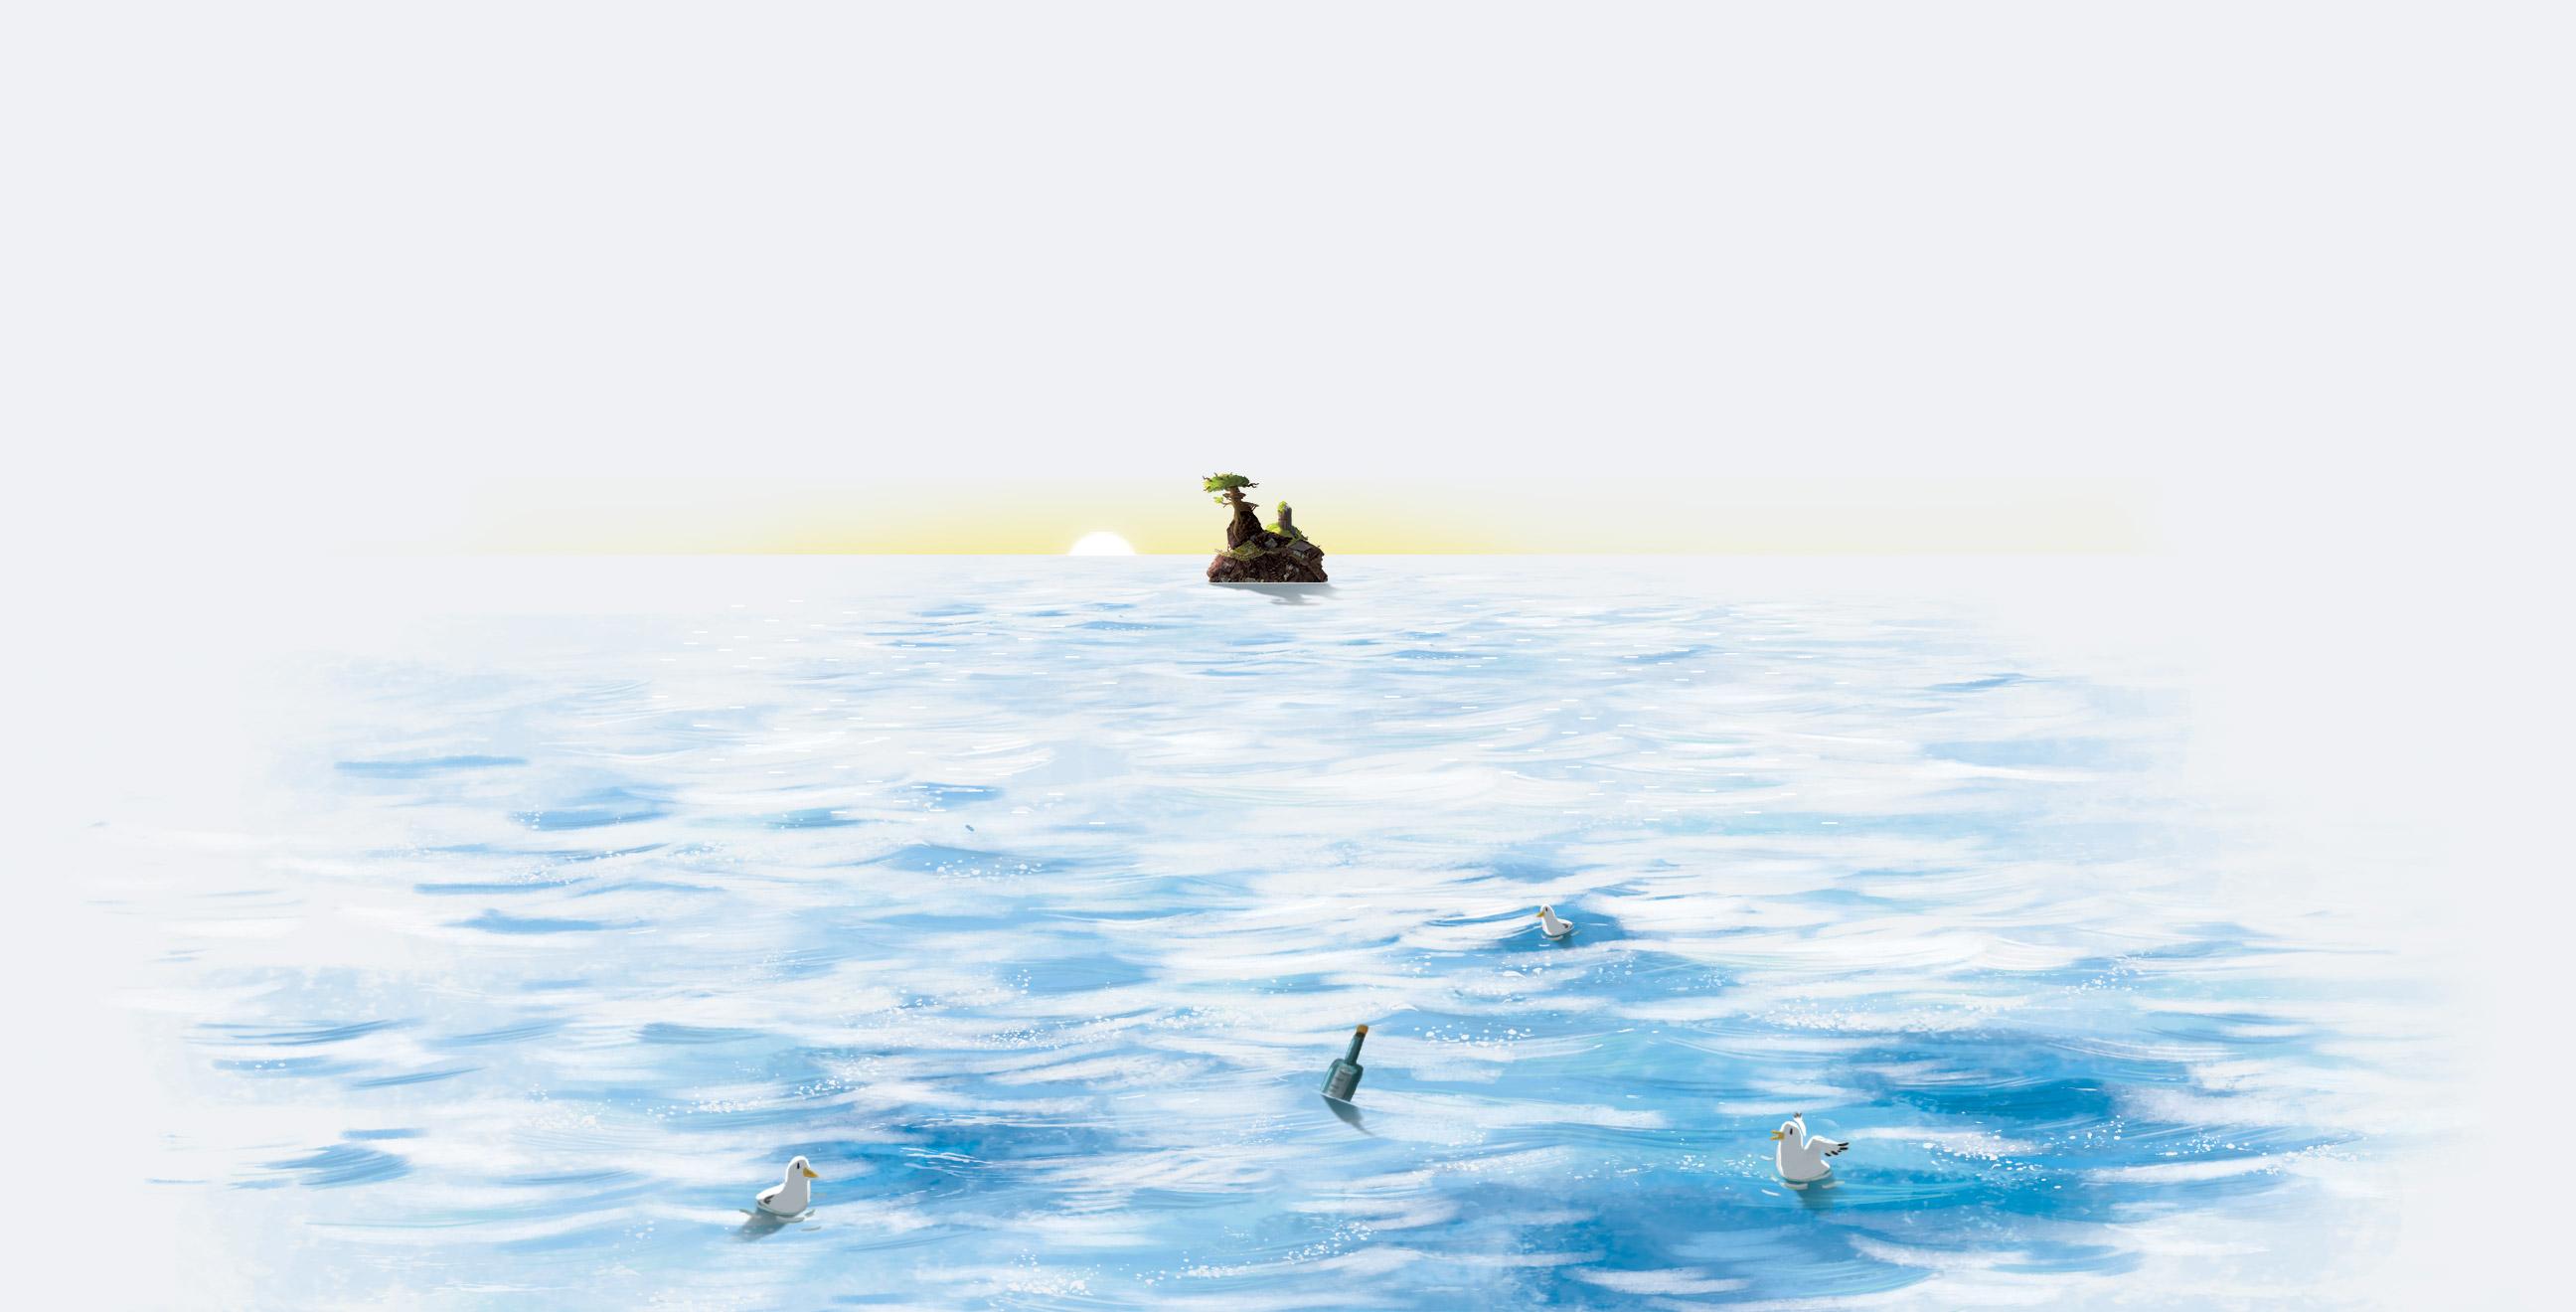 île en vue